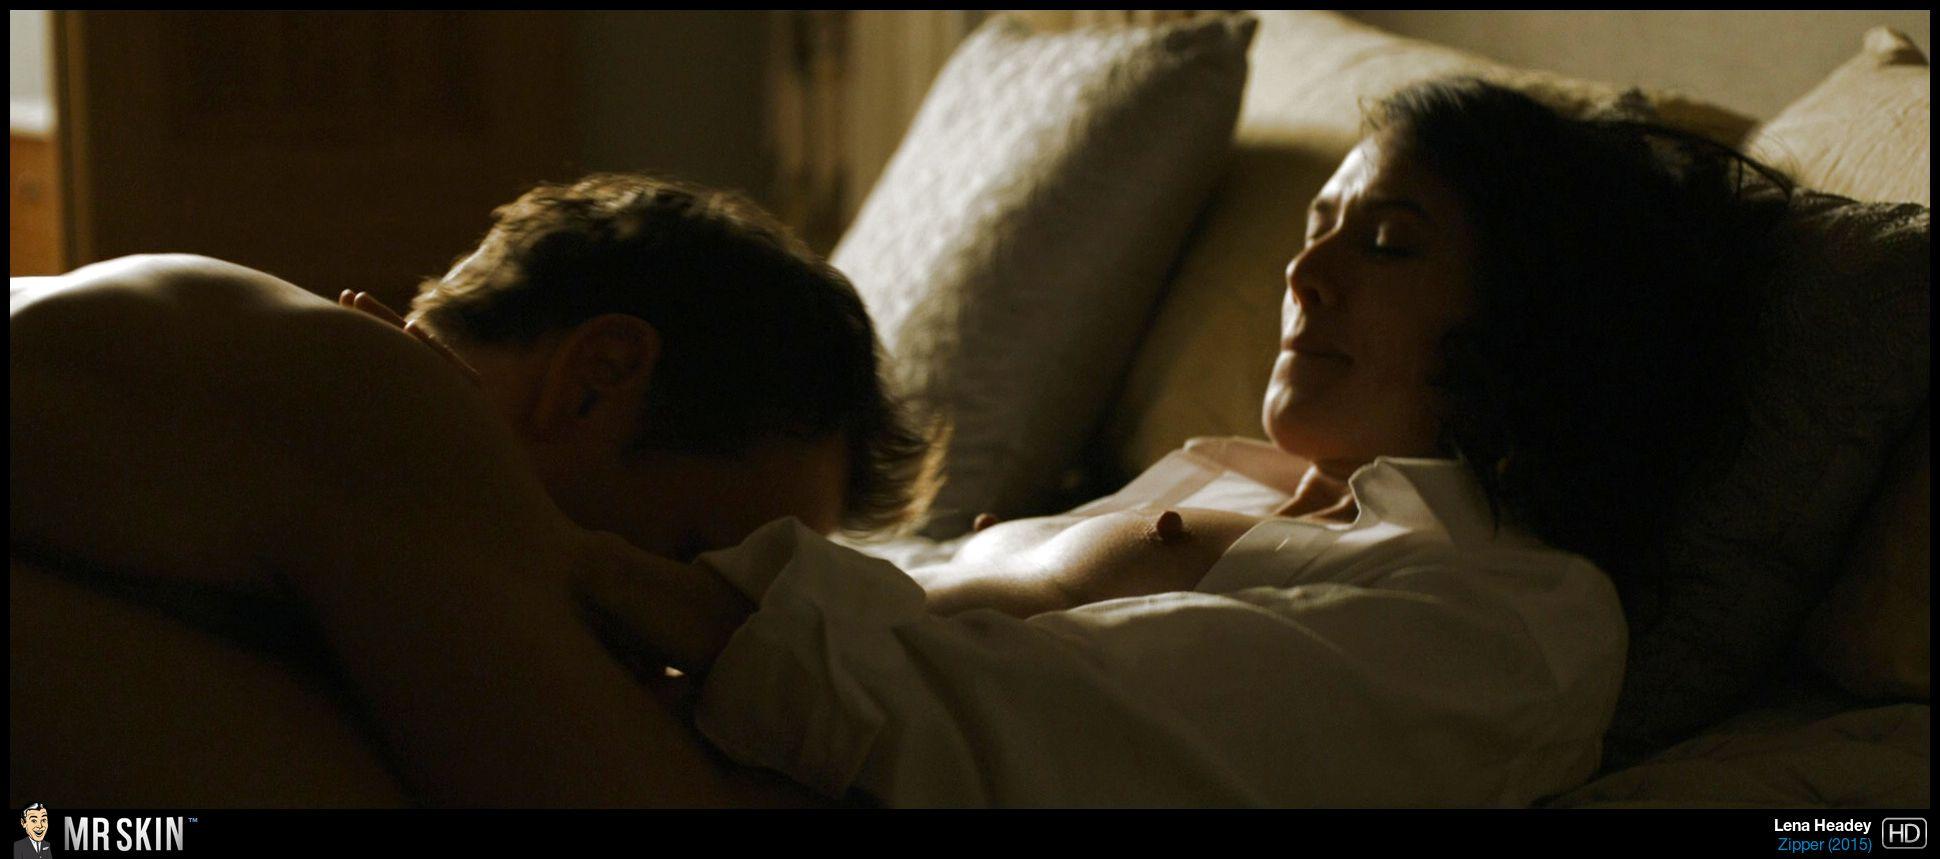 imogen poots nude scenes